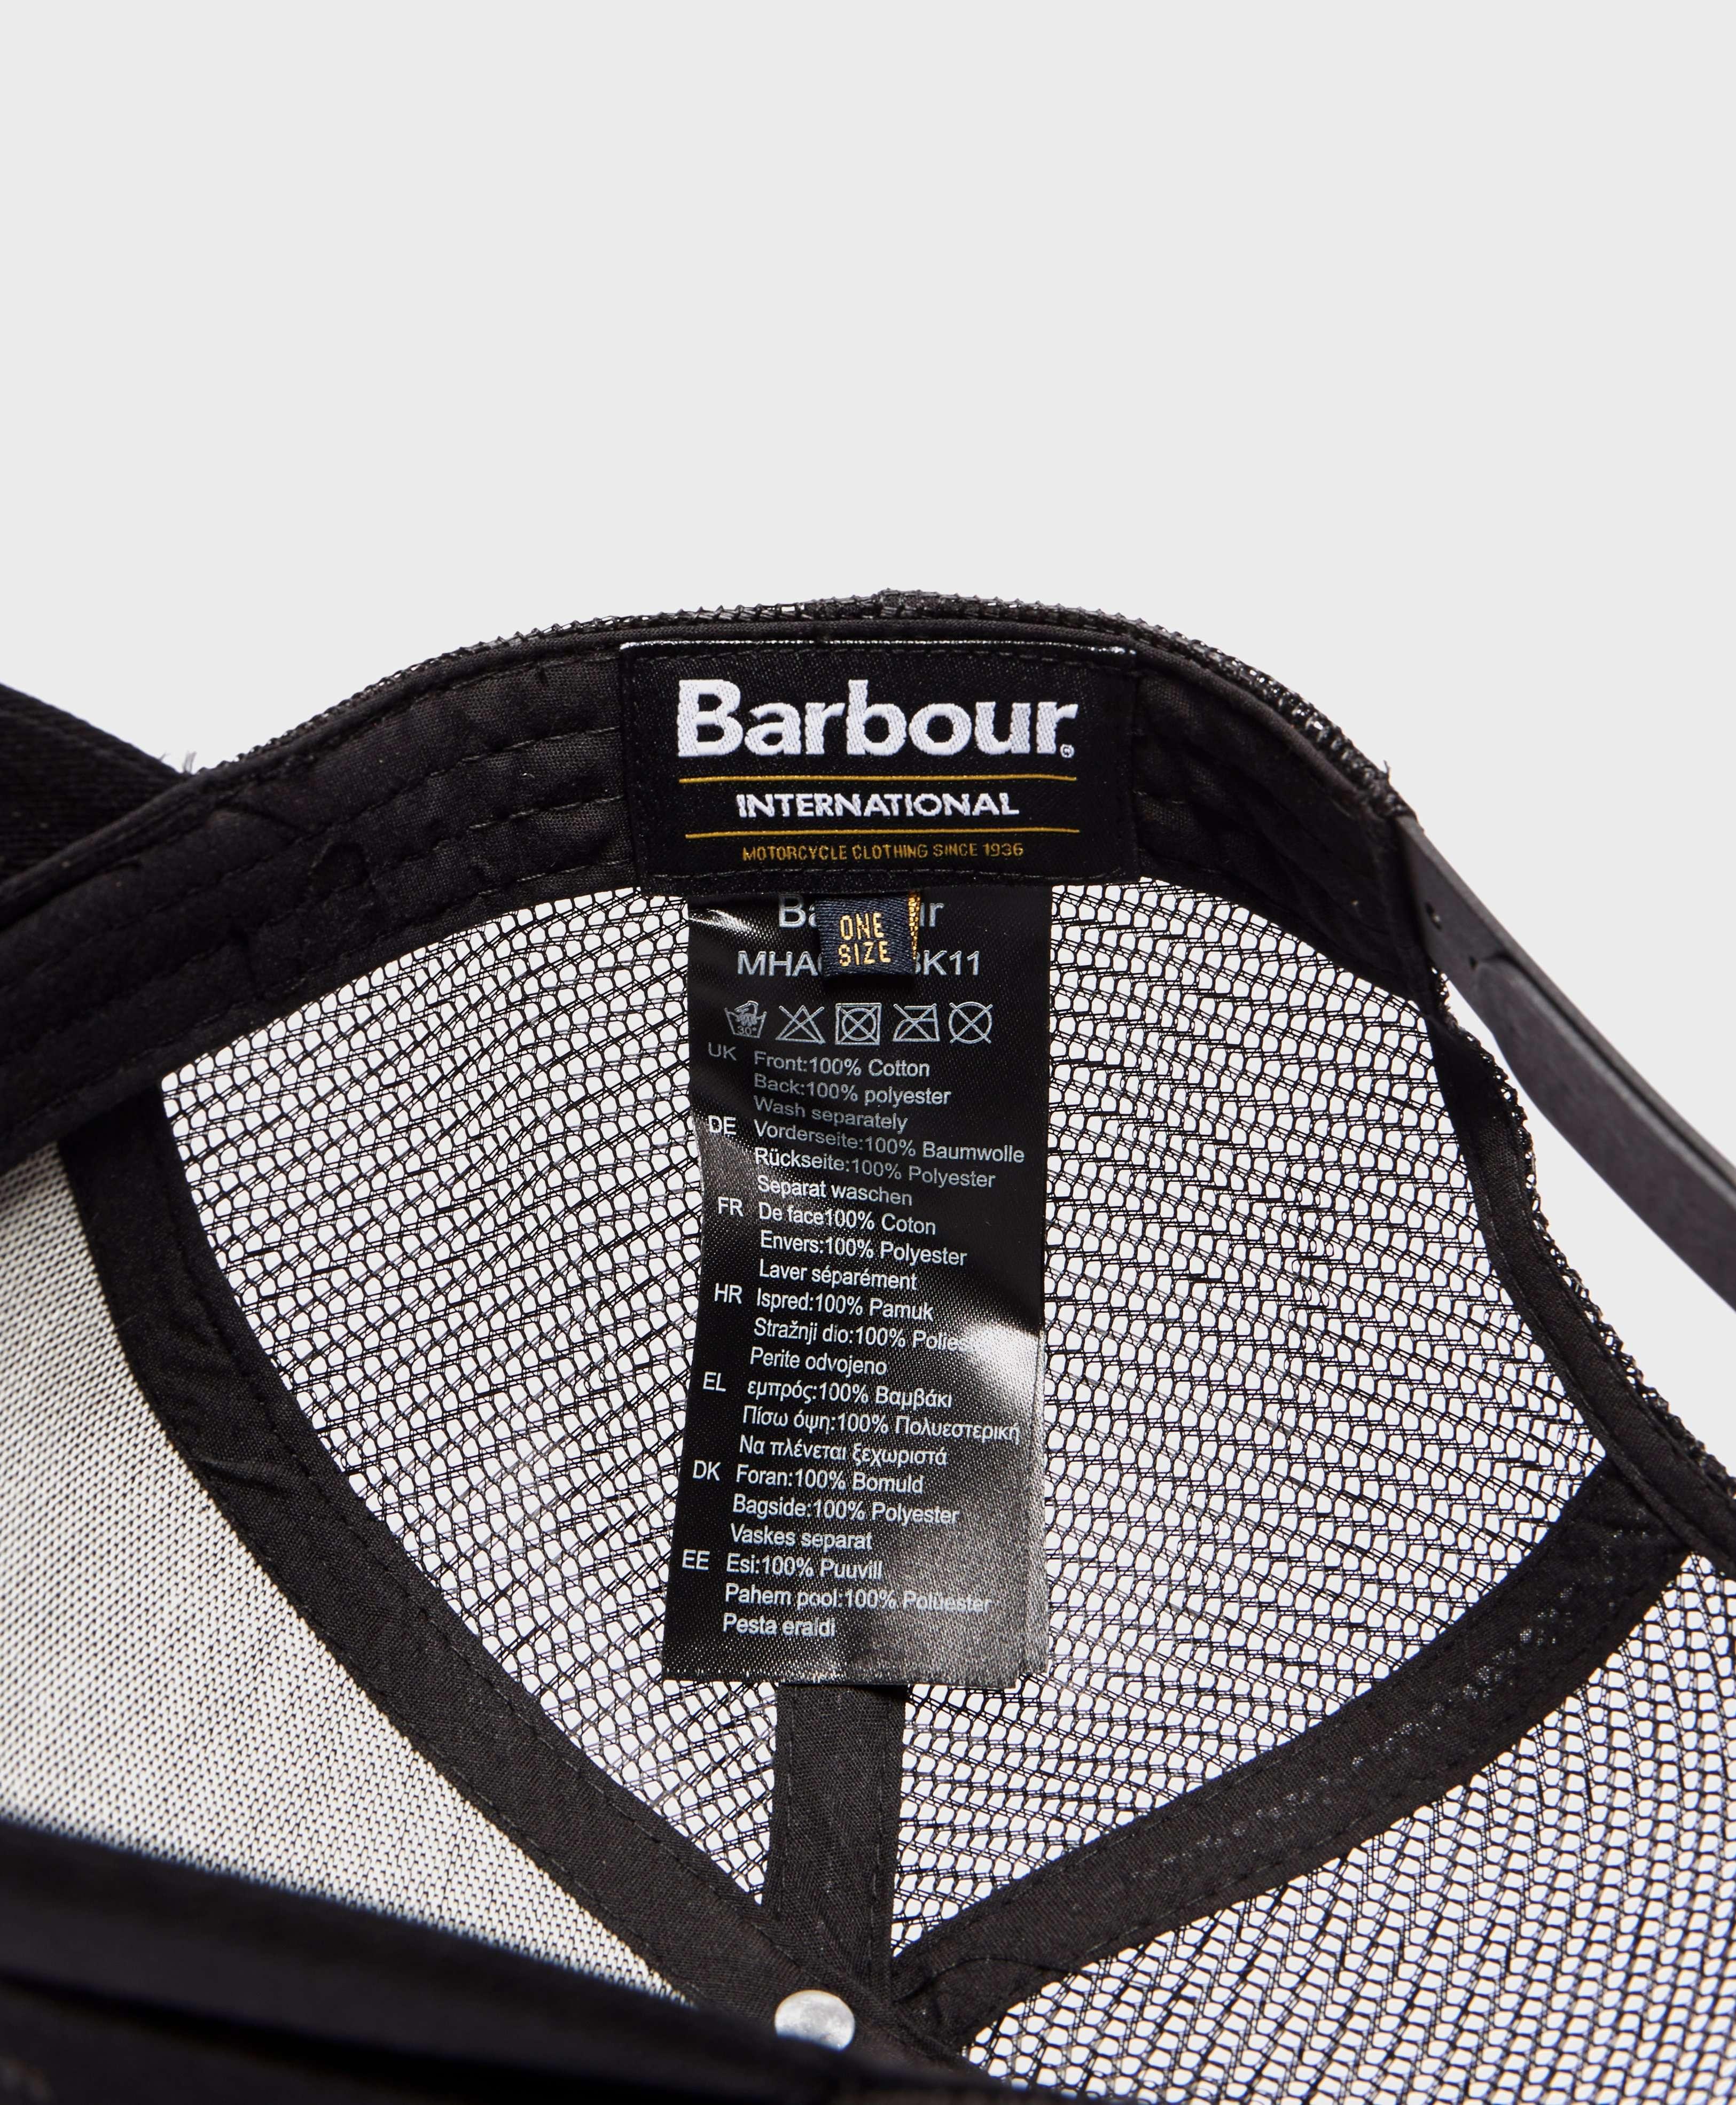 Barbour International Rey Trucker Cap - Online Exclusive